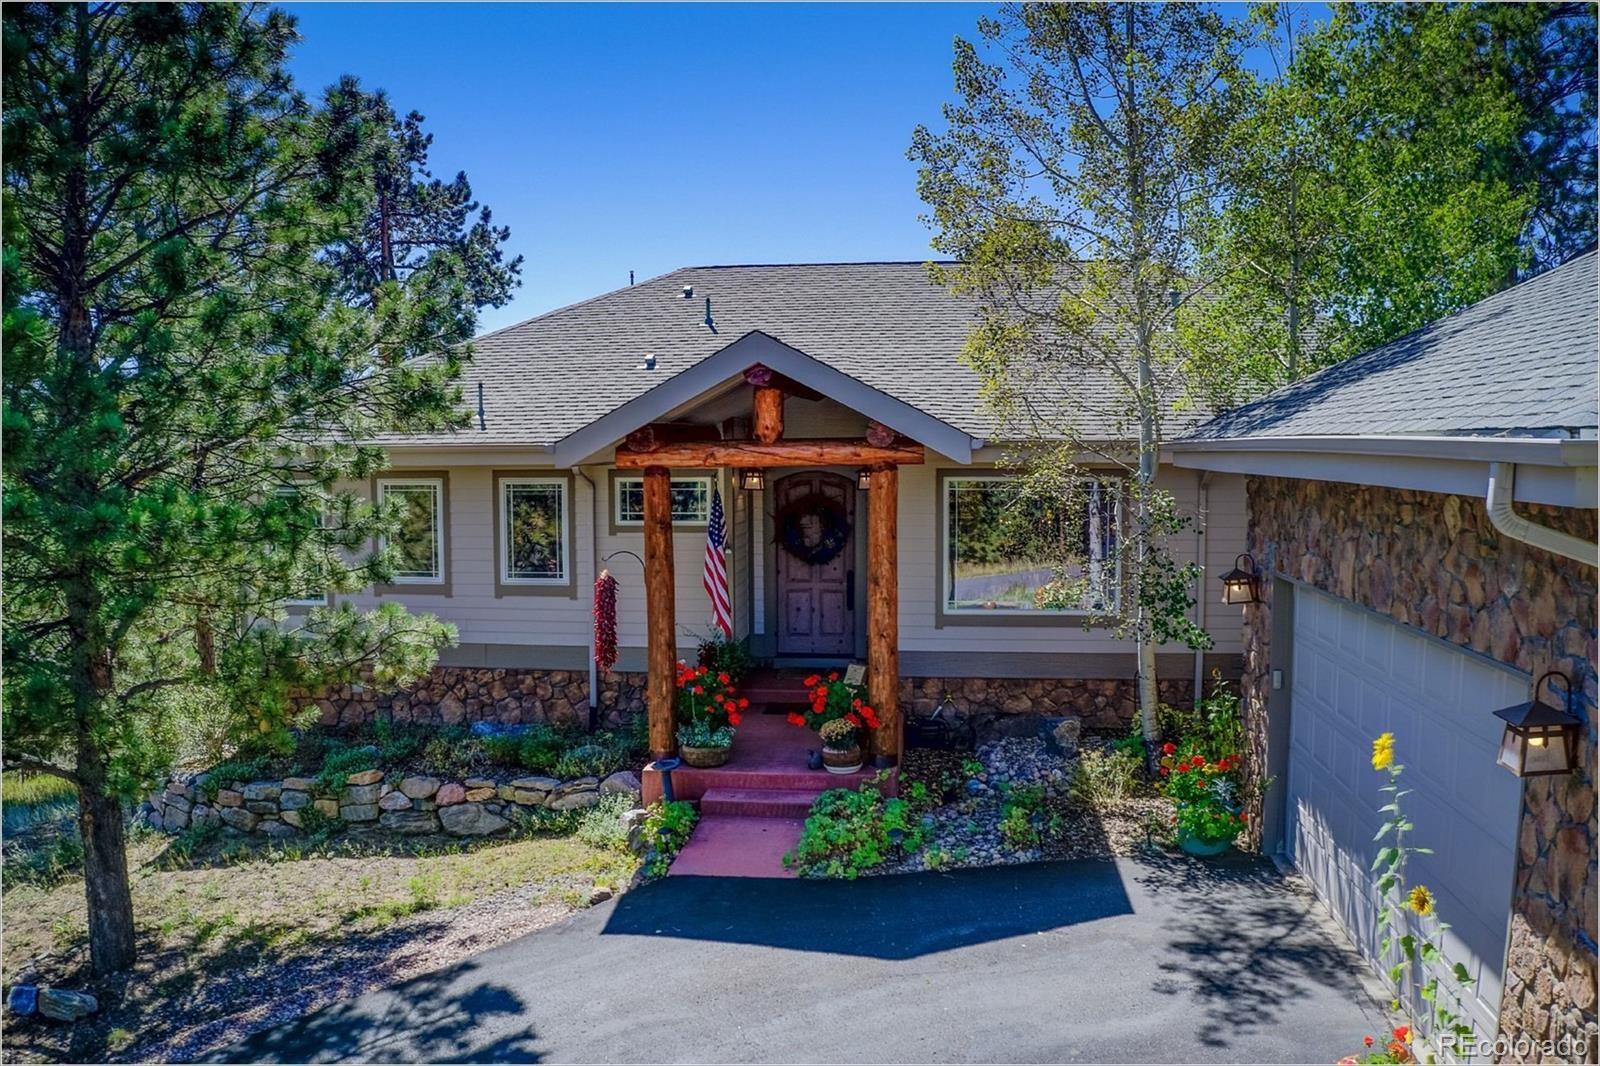 MLS# 7982246 - 2 - 13831 Douglas Ranch Drive, Pine, CO 80470